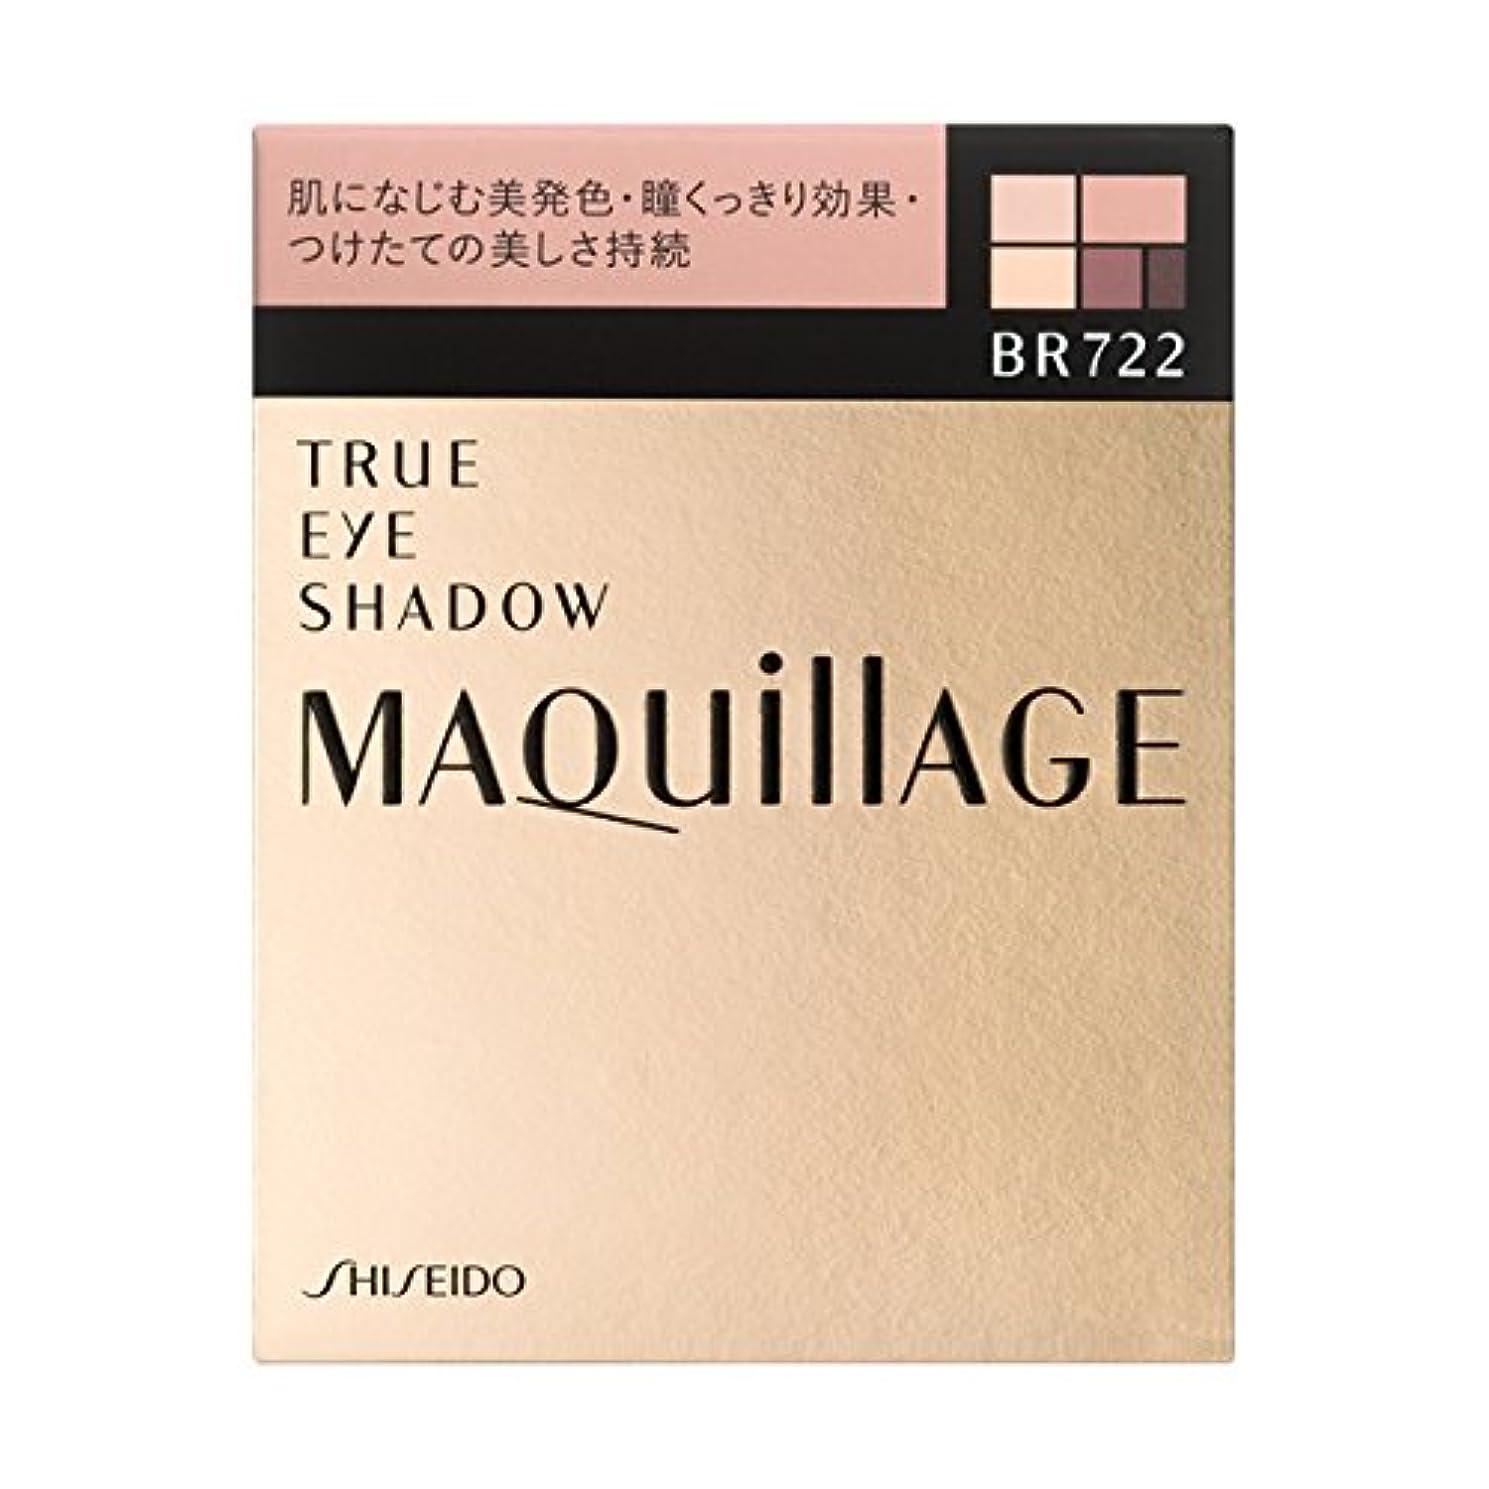 暗殺するハチ実り多い<2個セット>マキアージュ トゥルーアイシャドー BR722 本体 3.5g×2個